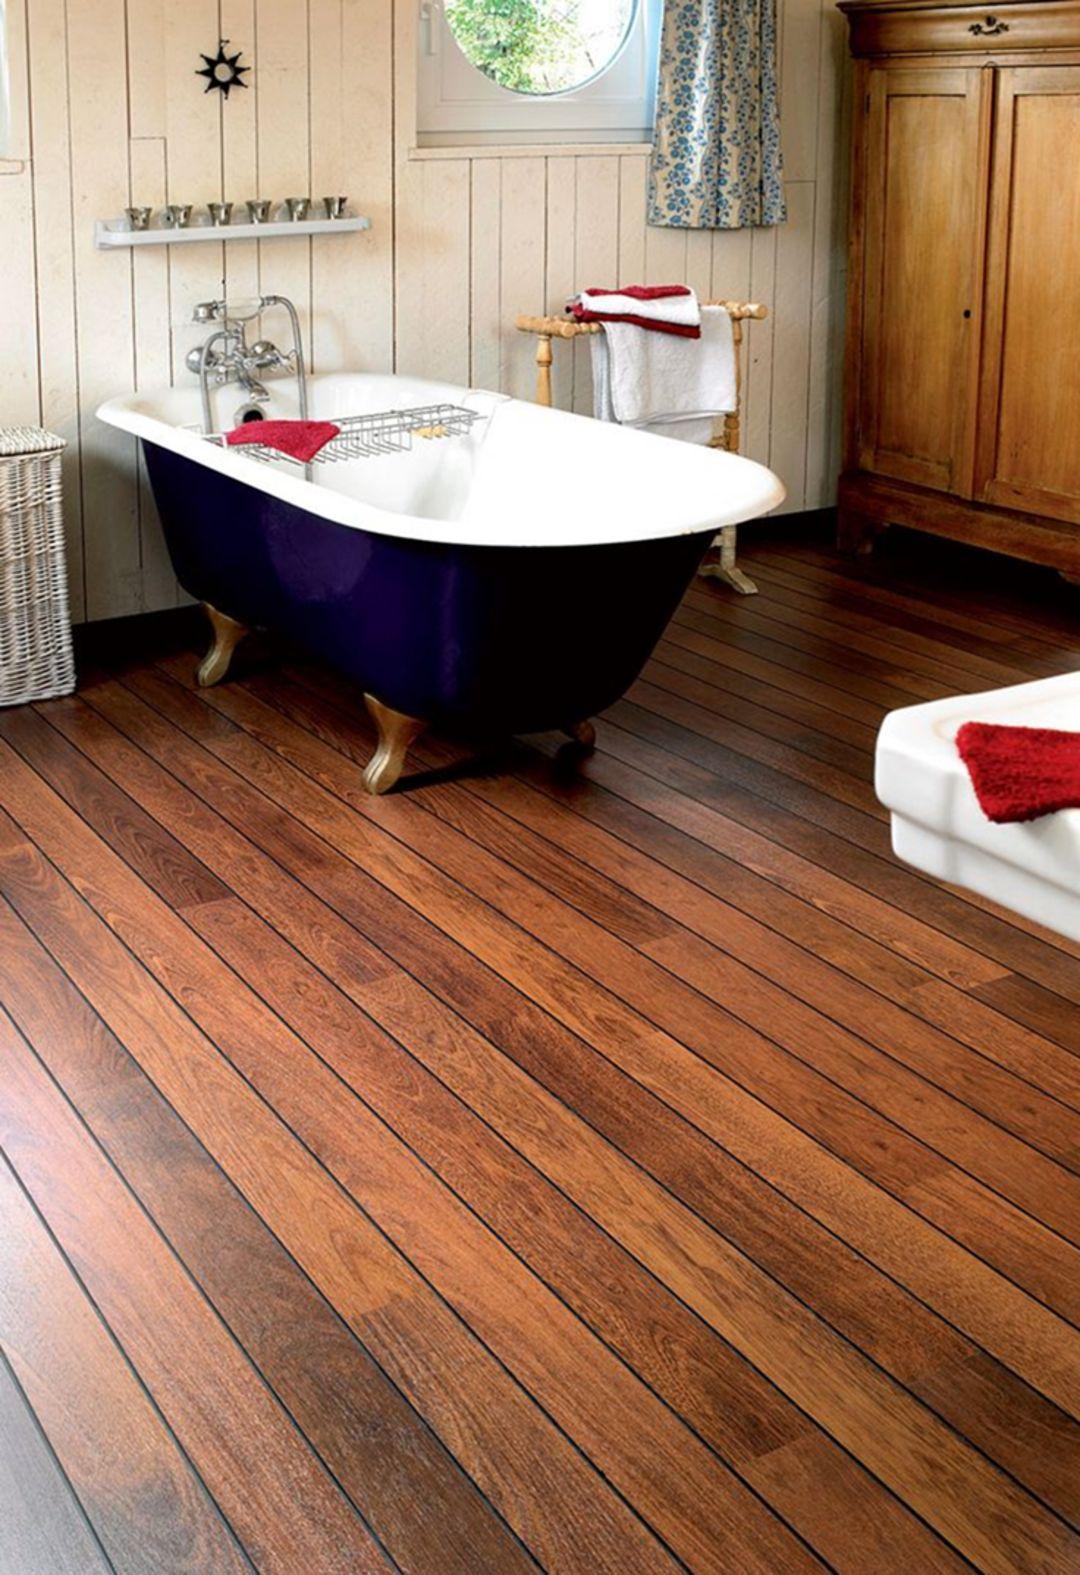 35 Elegant Bathroom Wooden Floor Ideas To Look Luxury In 2020 Waterproof Laminate Flooring Waterproof Bathroom Flooring Flooring